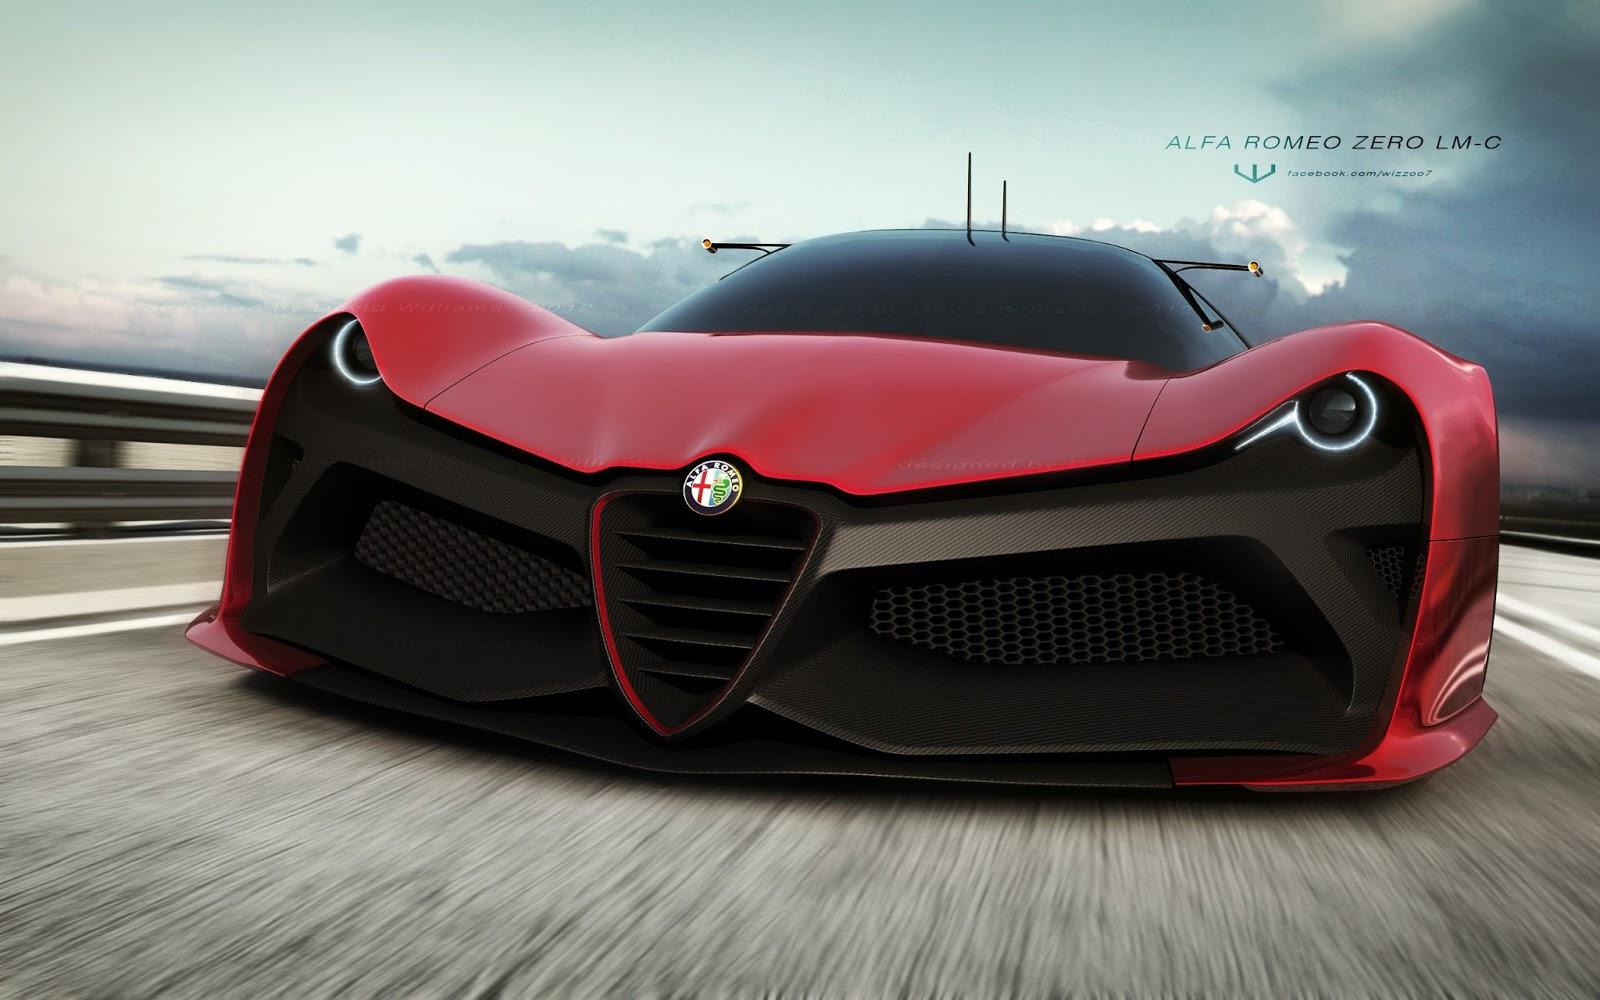 Alfa romeo render zero 2560x1600